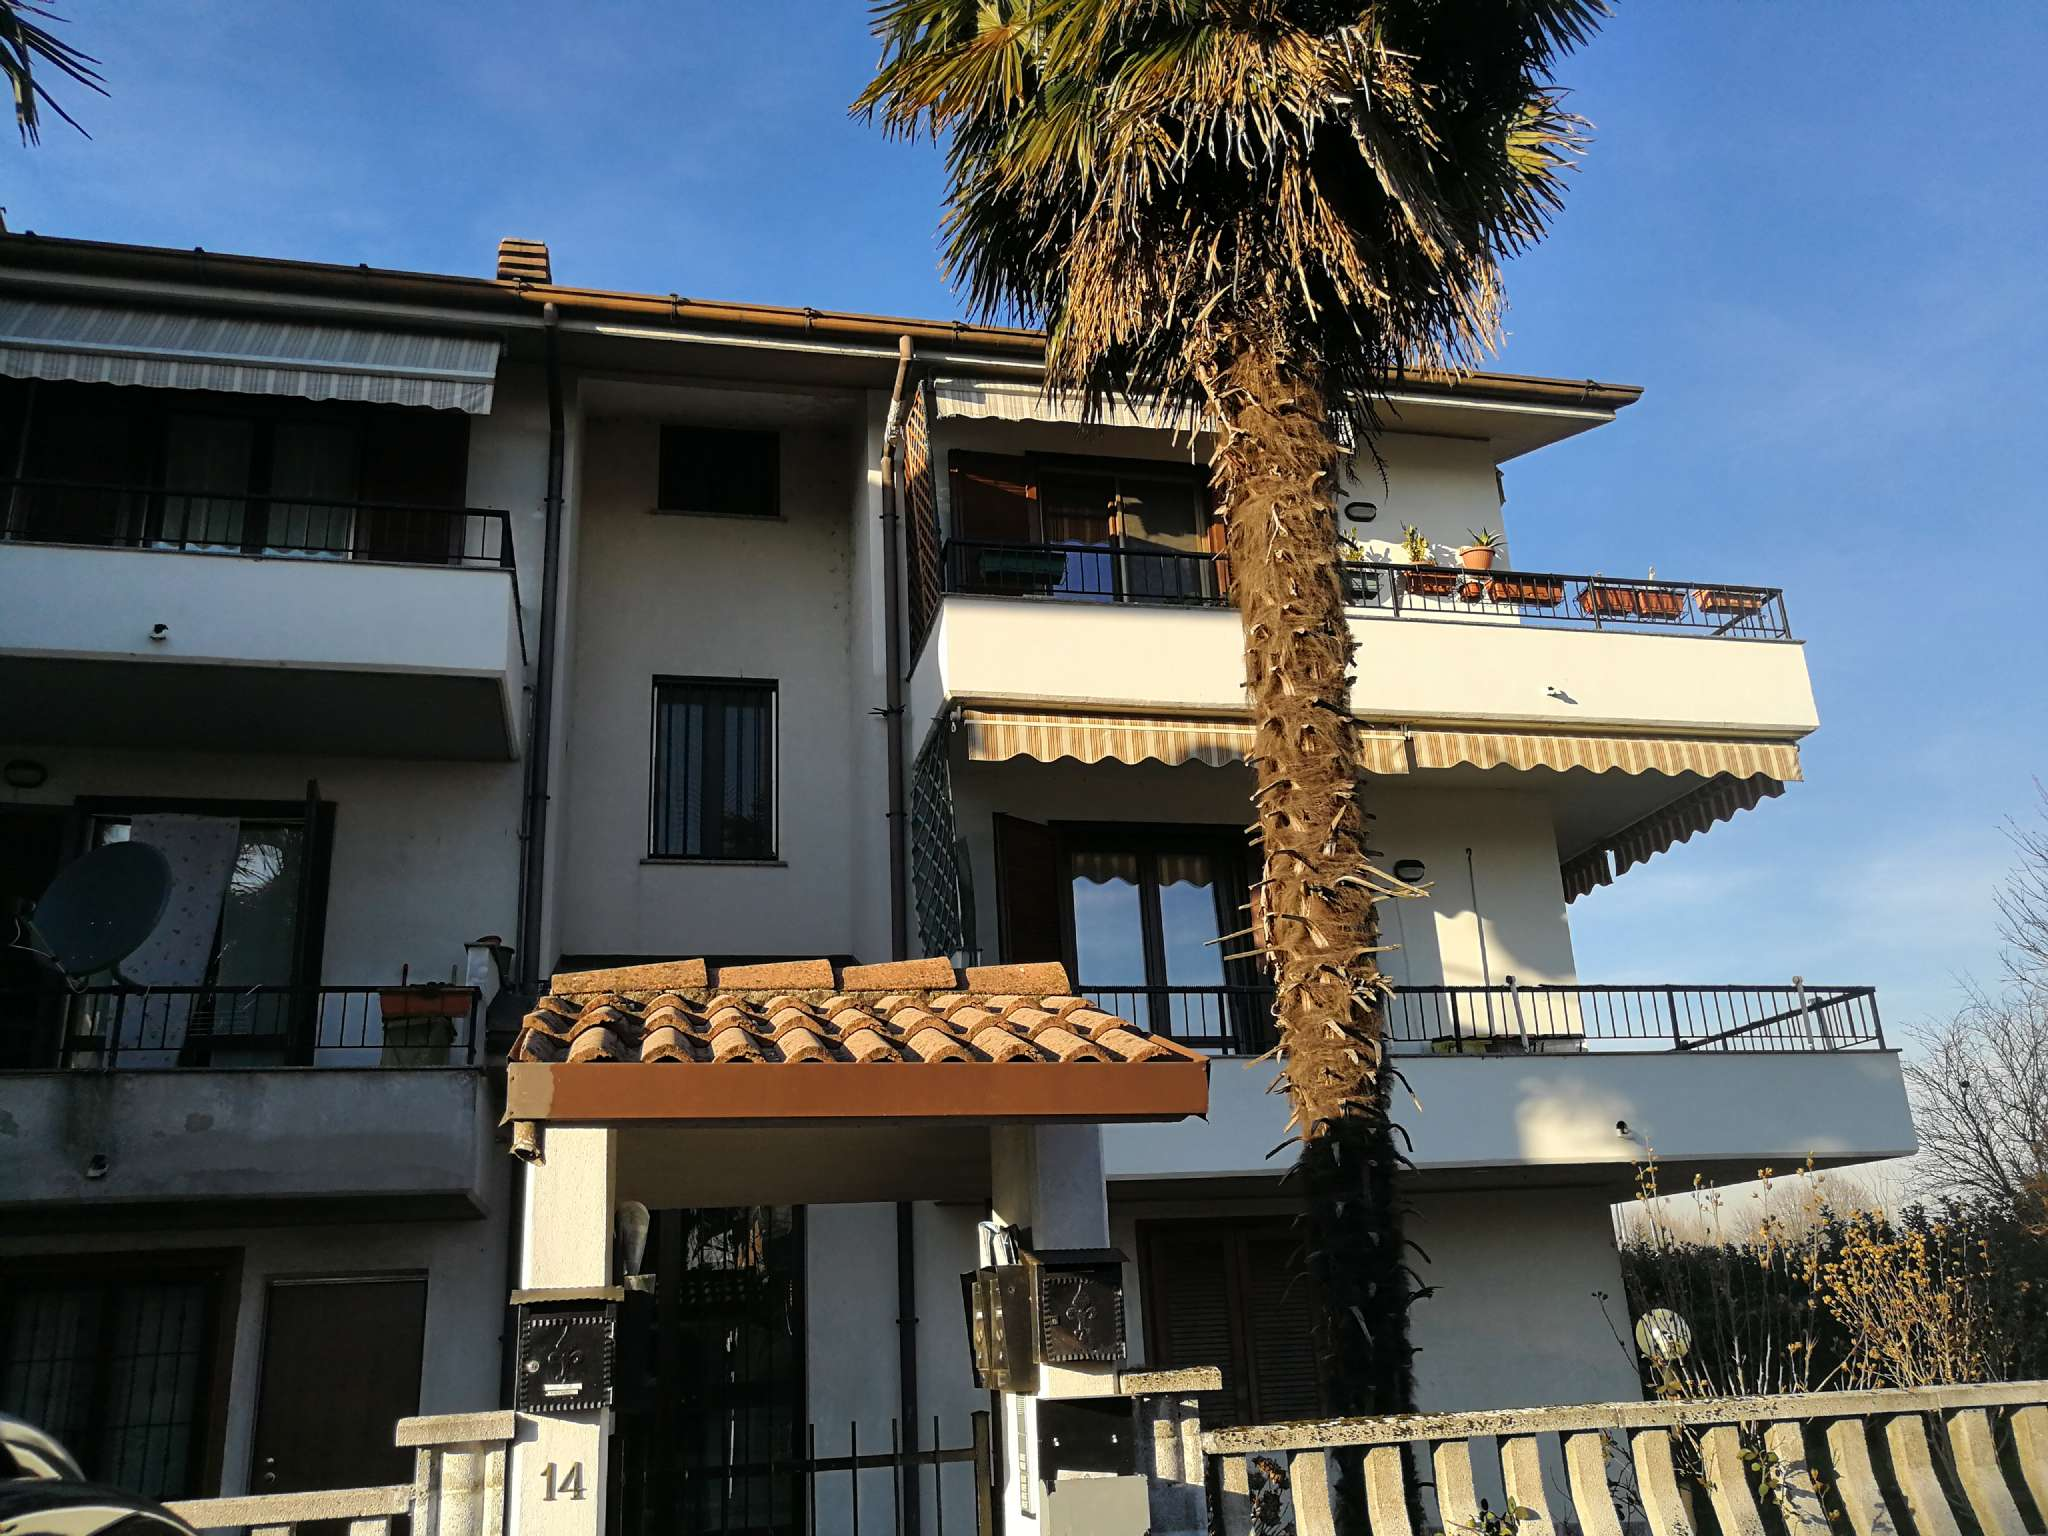 Appartamento in Vendita a Cervignano D'Adda: 3 locali, 90 mq